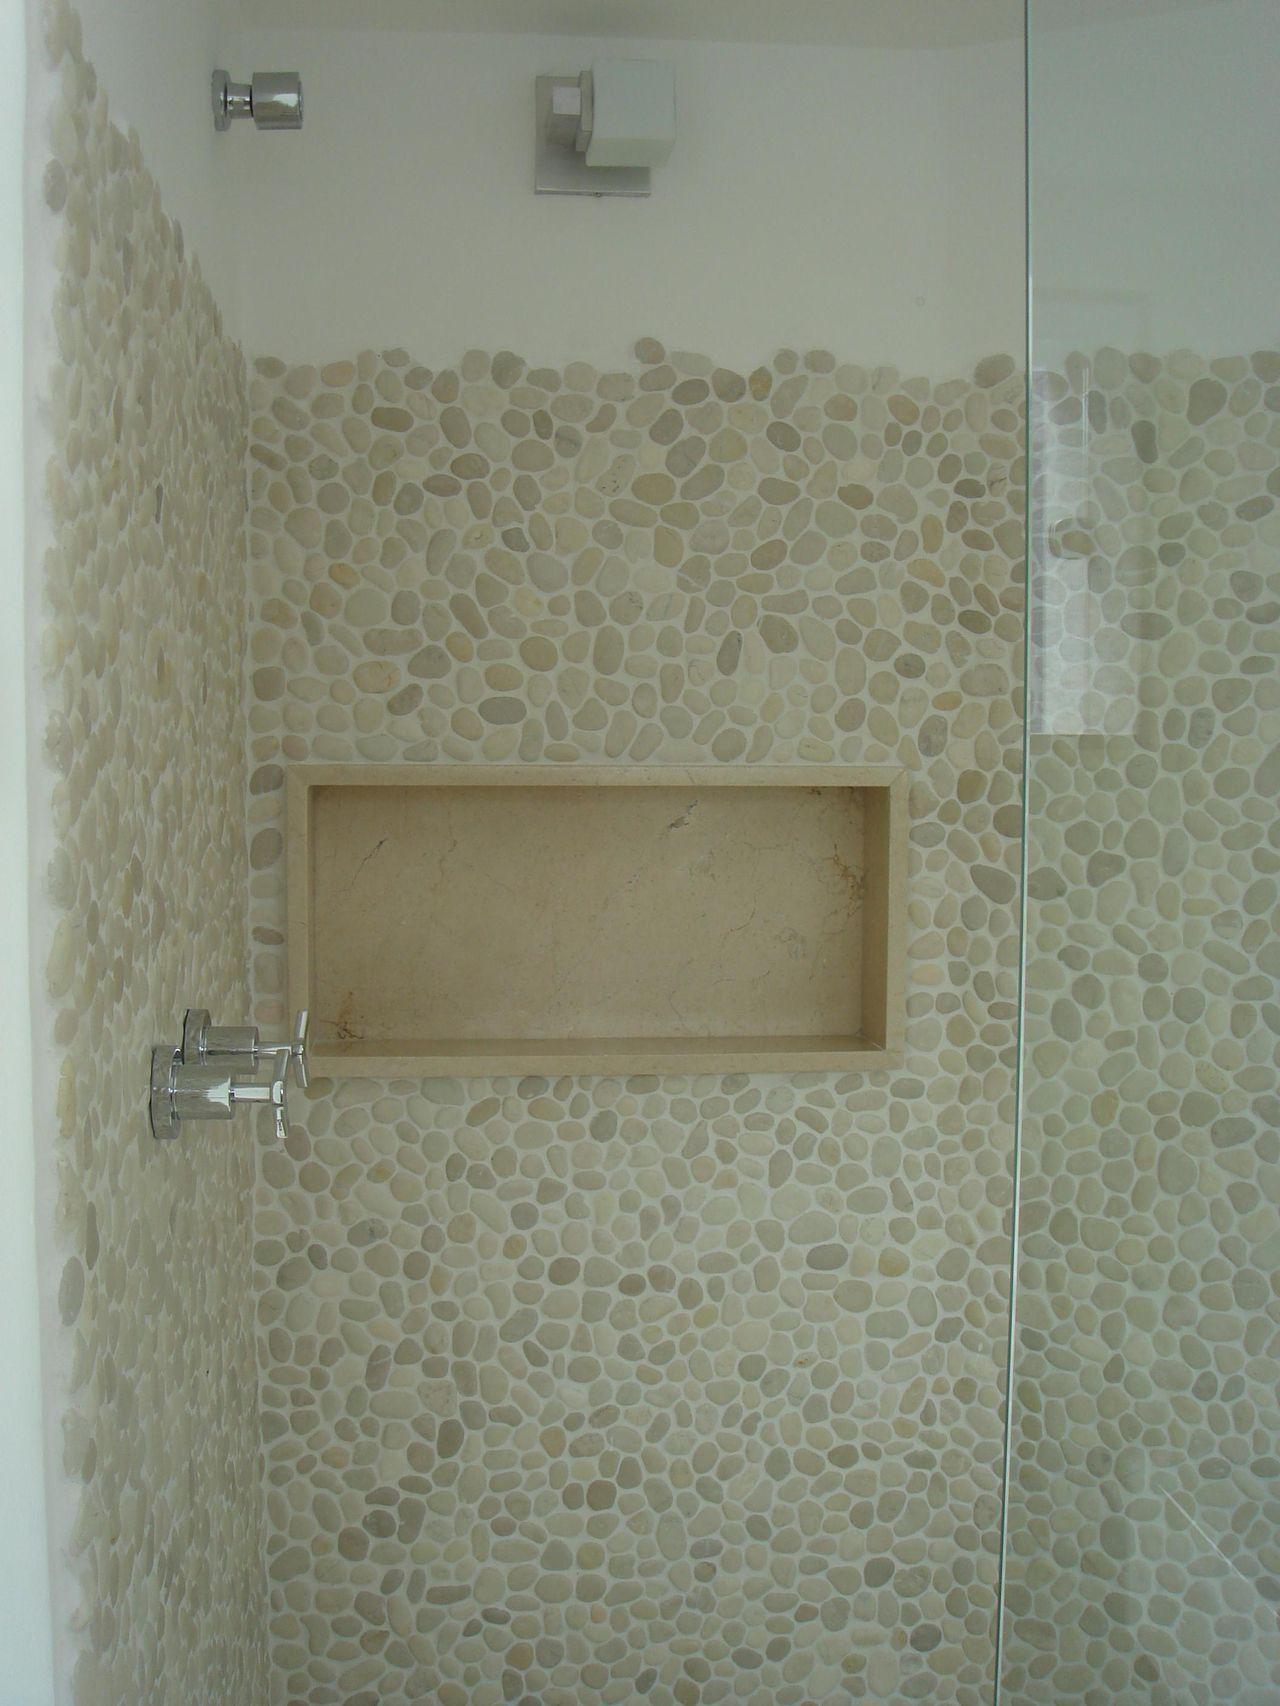 Suficiente Banheiro com Parede de Pedra de André Martins - 18002 no Viva Decora ZO27